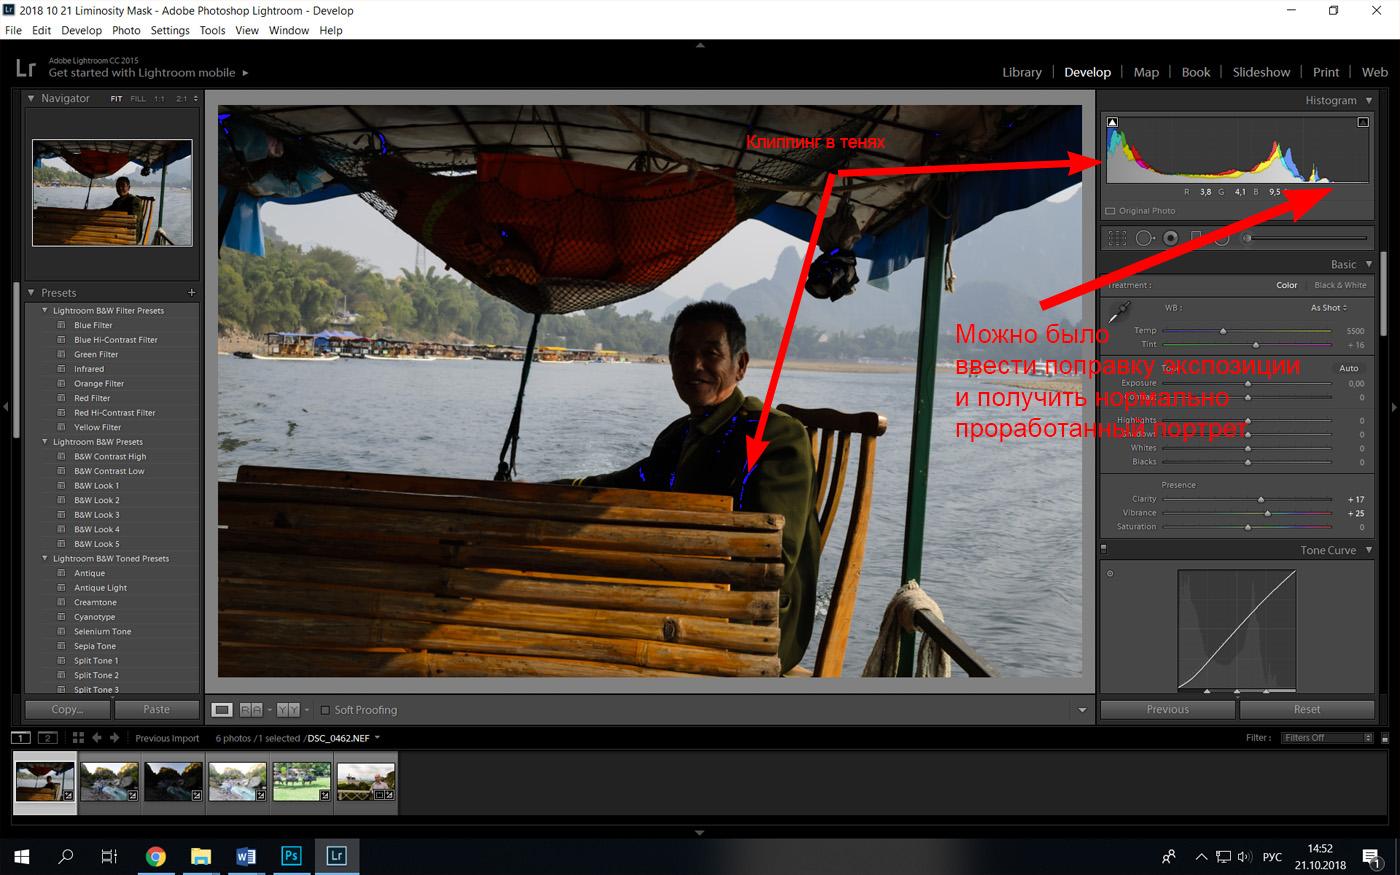 Фото 12. Судя по гистограмме, на момент съемки достаточно было ввести поправку экспозиции в «+». По графику видим, что получили клиппинг в тенях (кривая касается левого края) – вся информация потеряна. Правда, в подсказках синим цветом выделены такие недодержанные участки - на данном снимке ими можно пренебречь и попытаться спасти фотографию.